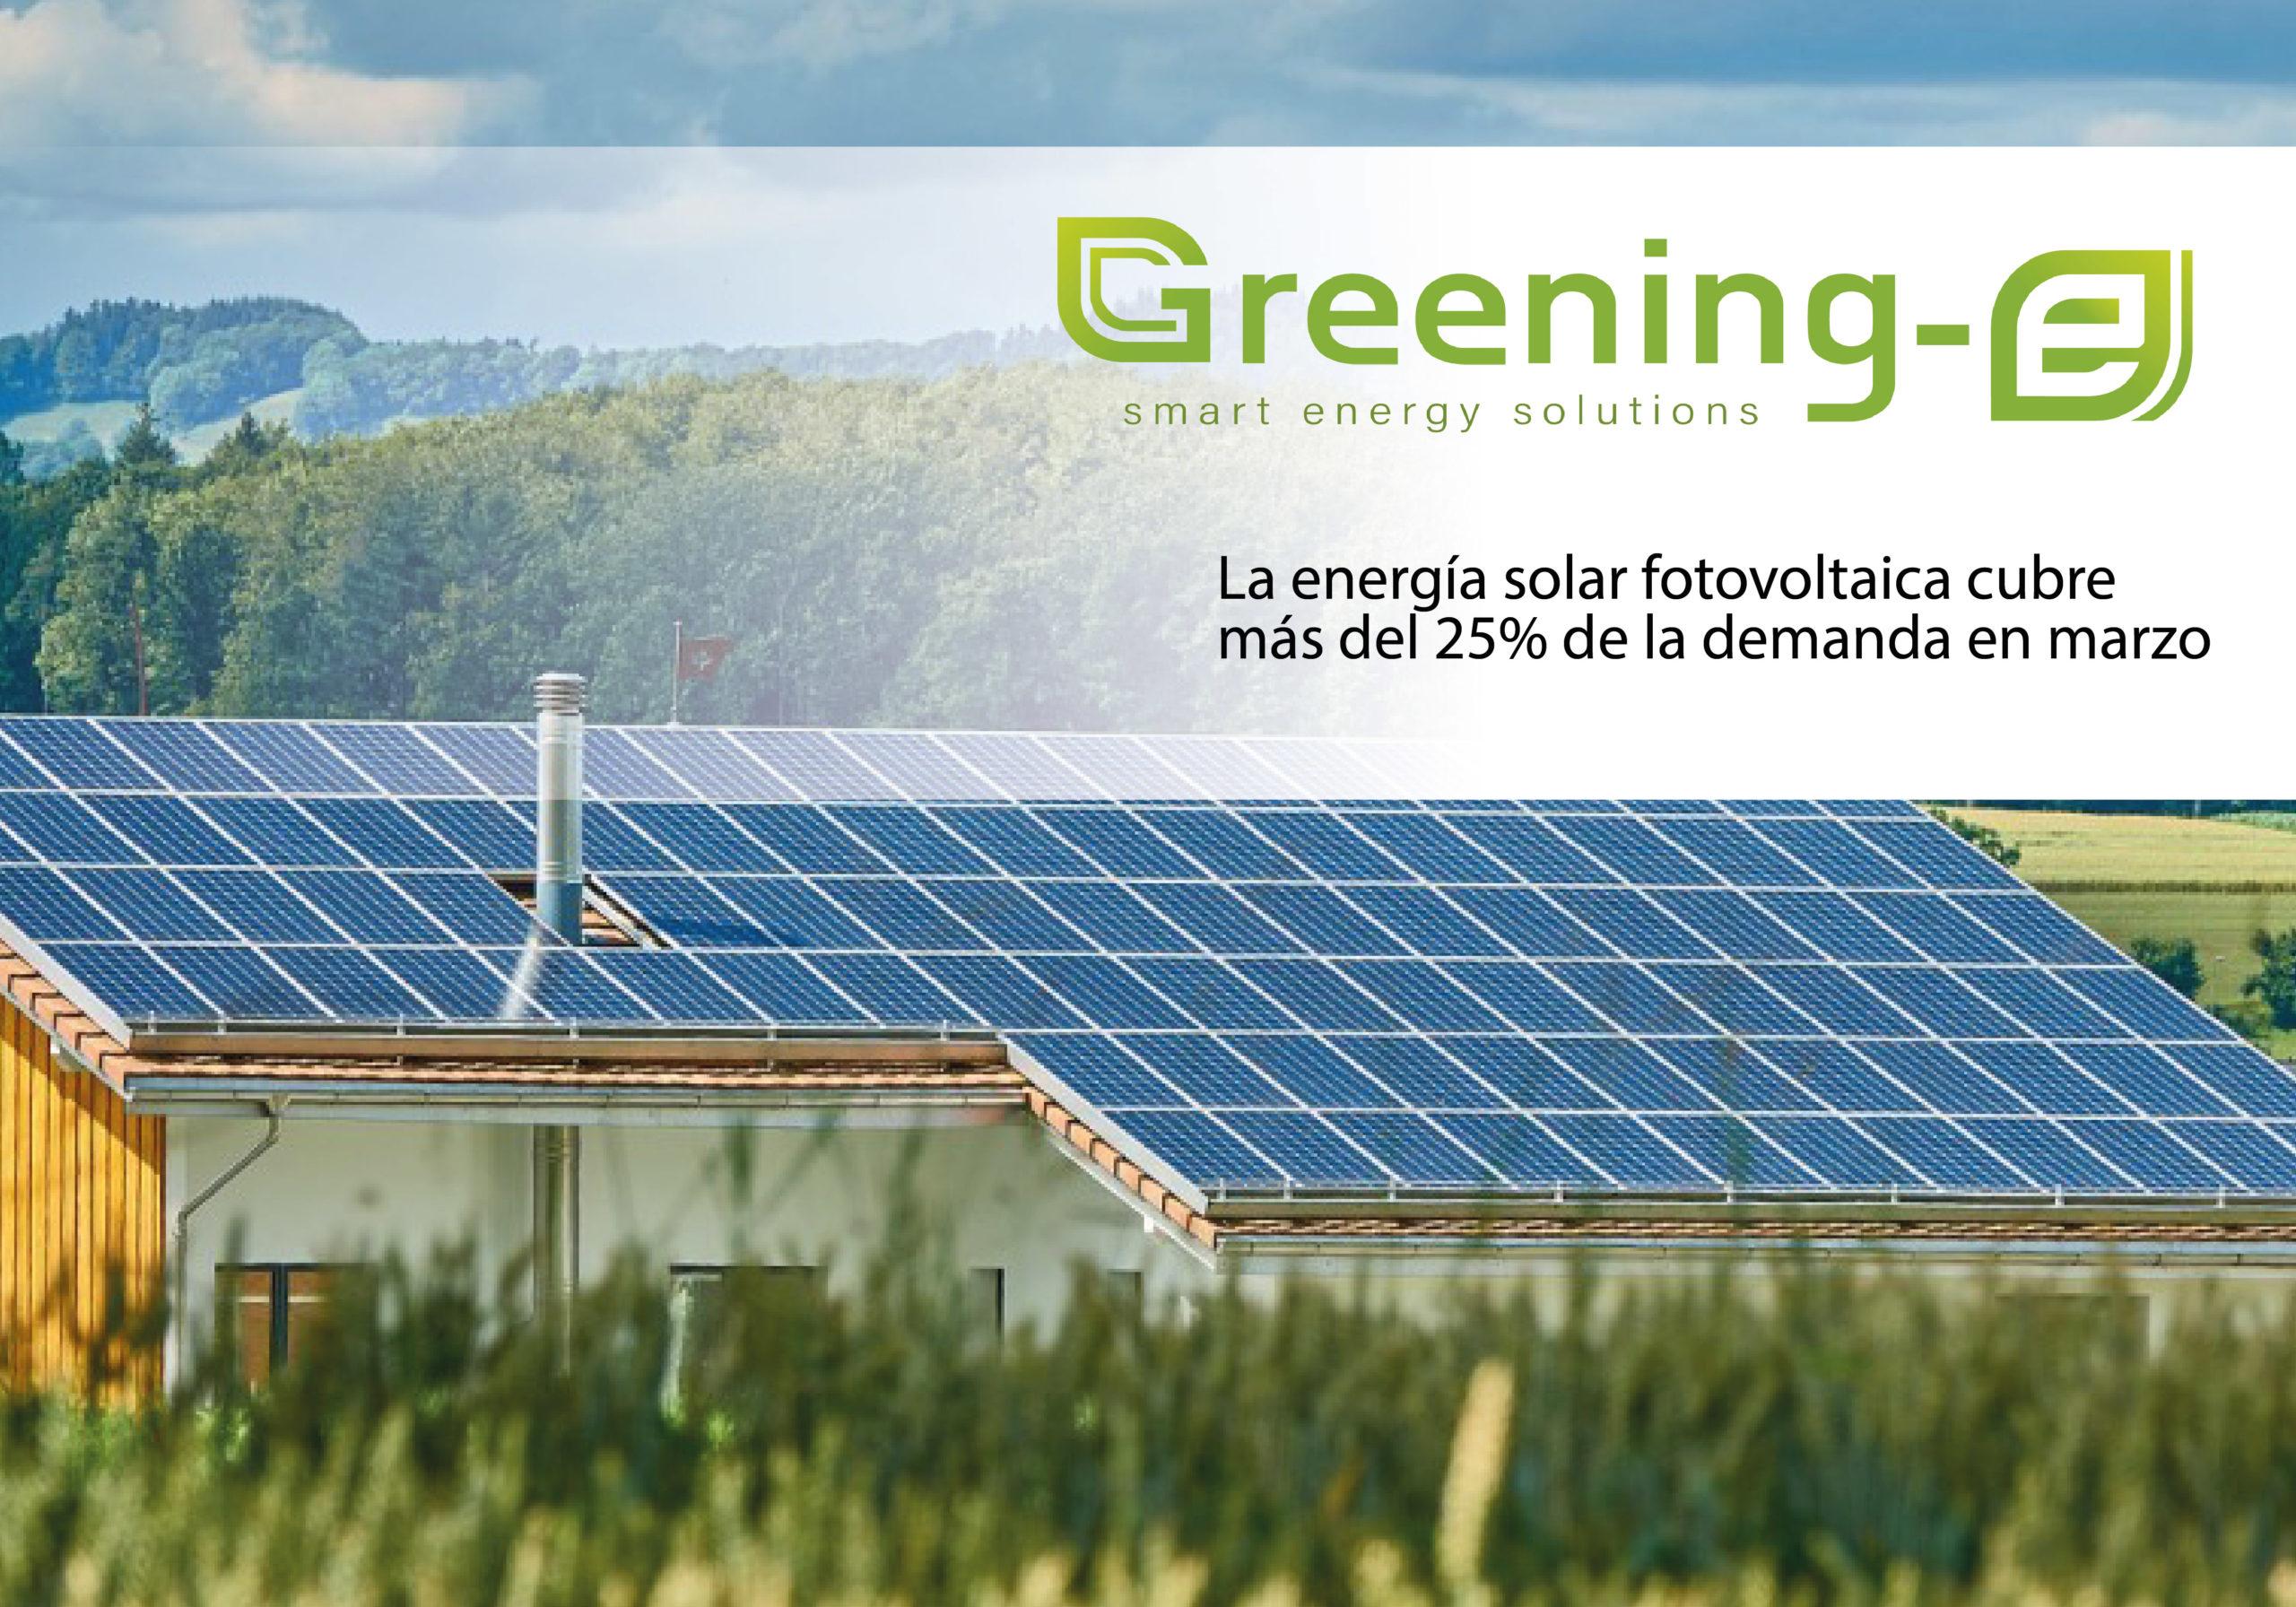 récord de la producción energética lograda con energía solar en la península ibérica